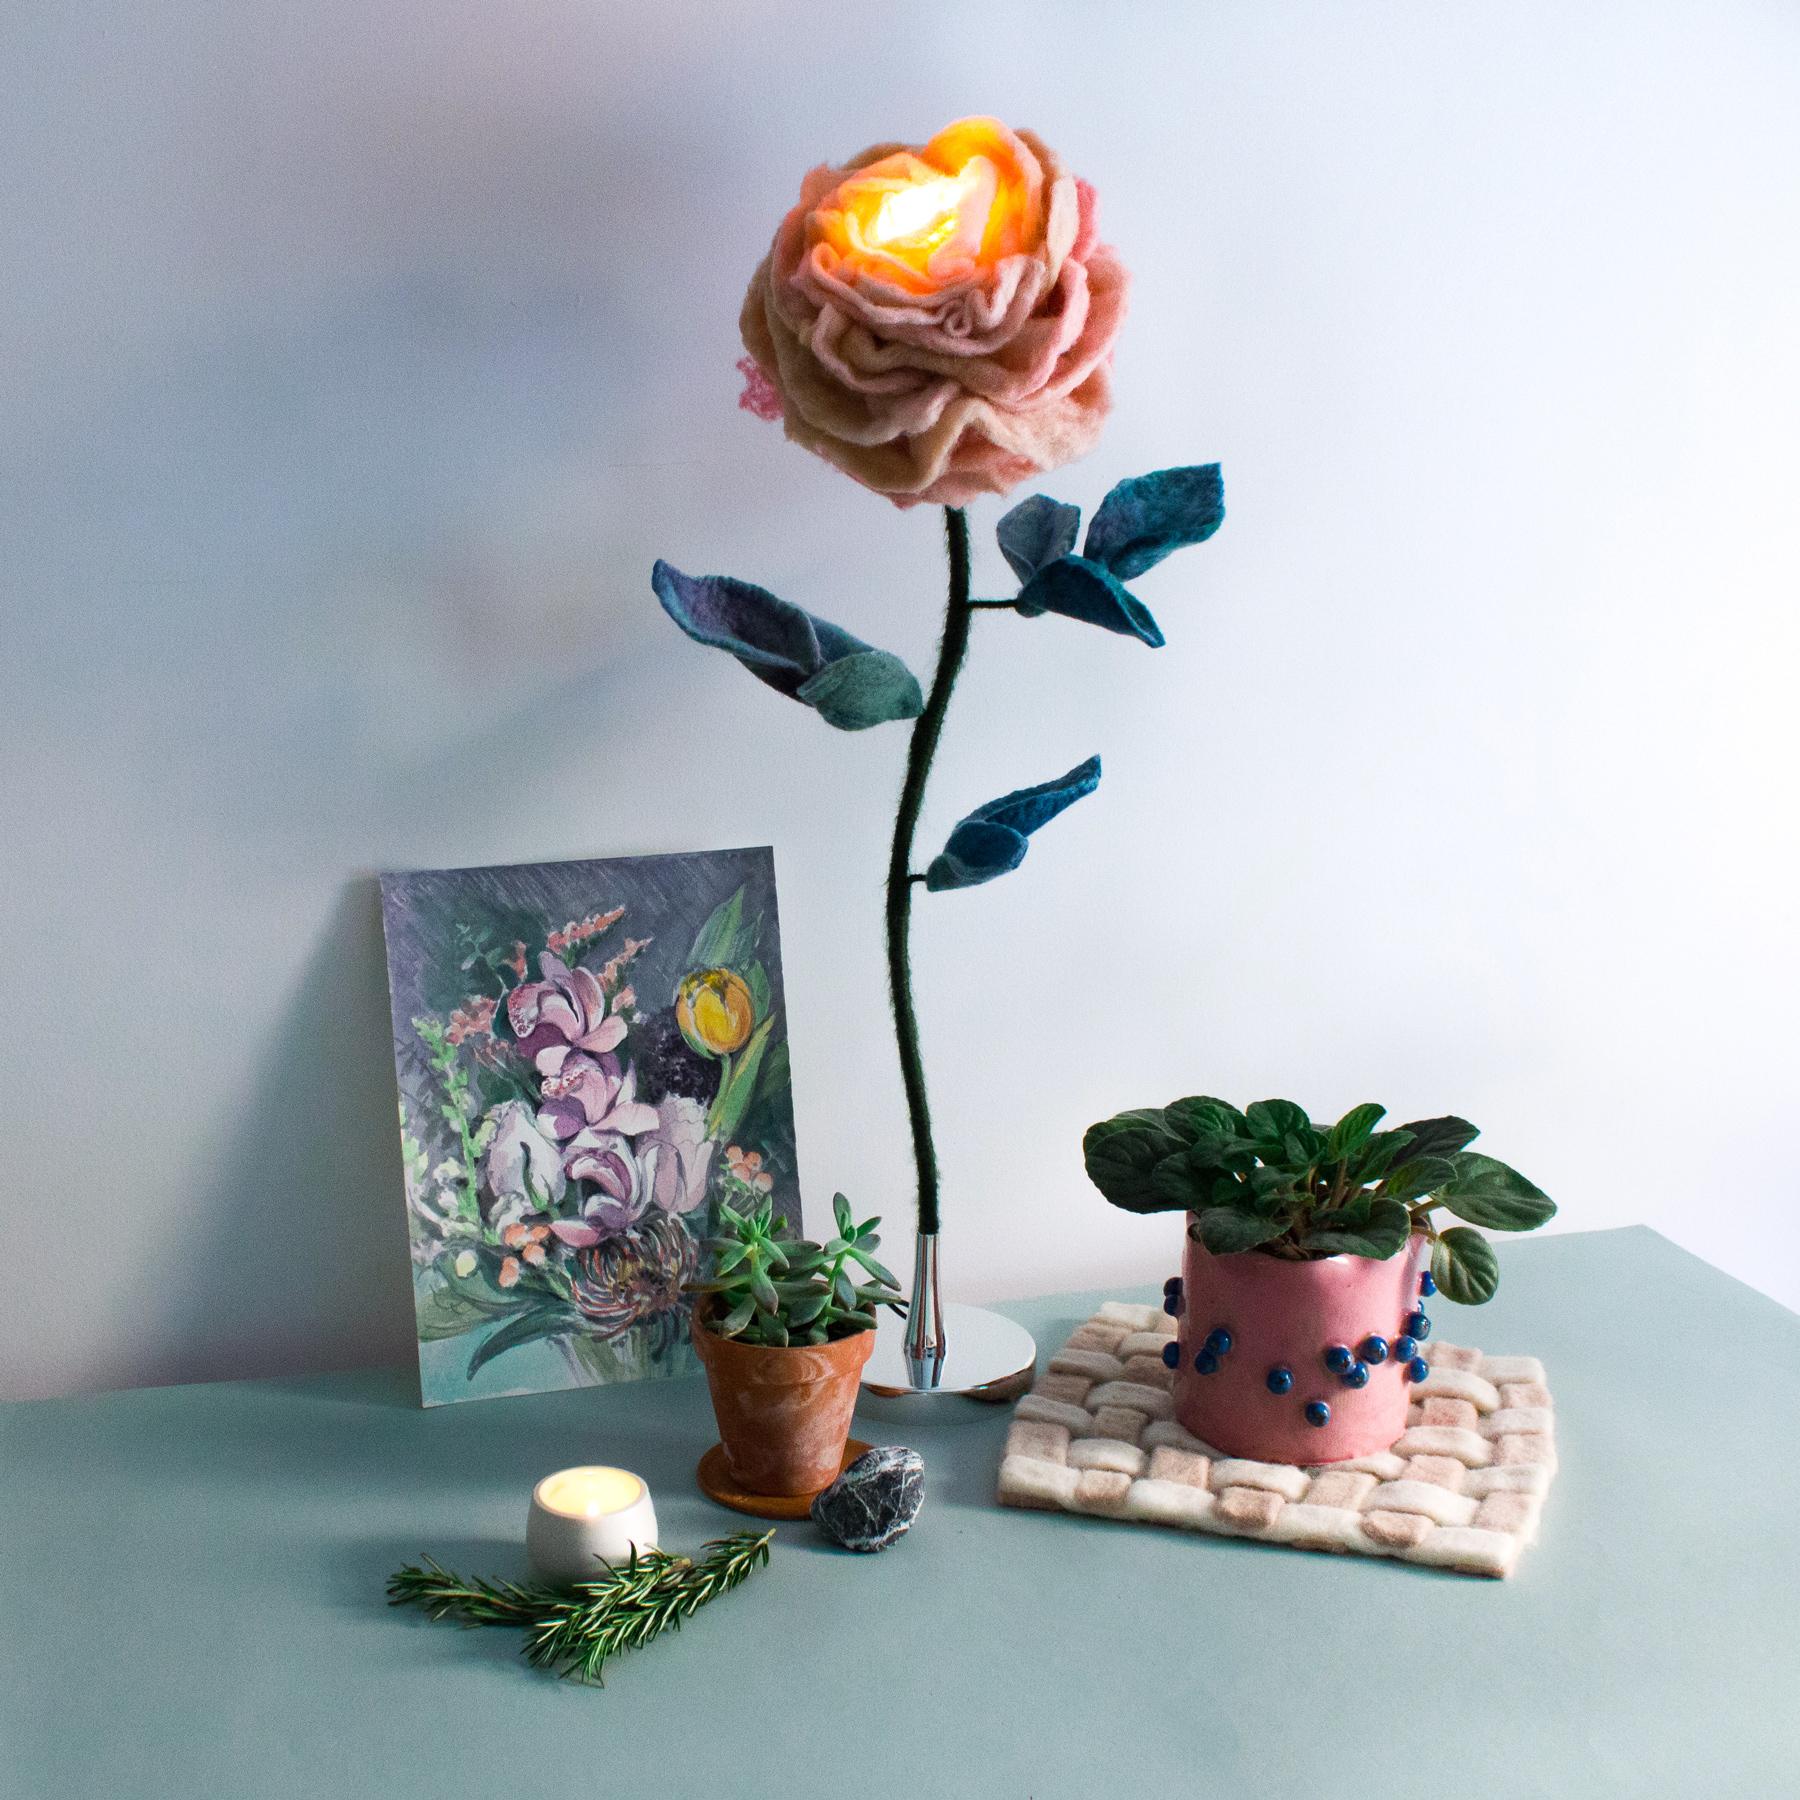 felt-flower-lamp_Thyme-Rose_Adelya-Tumasyeva_4.jpg